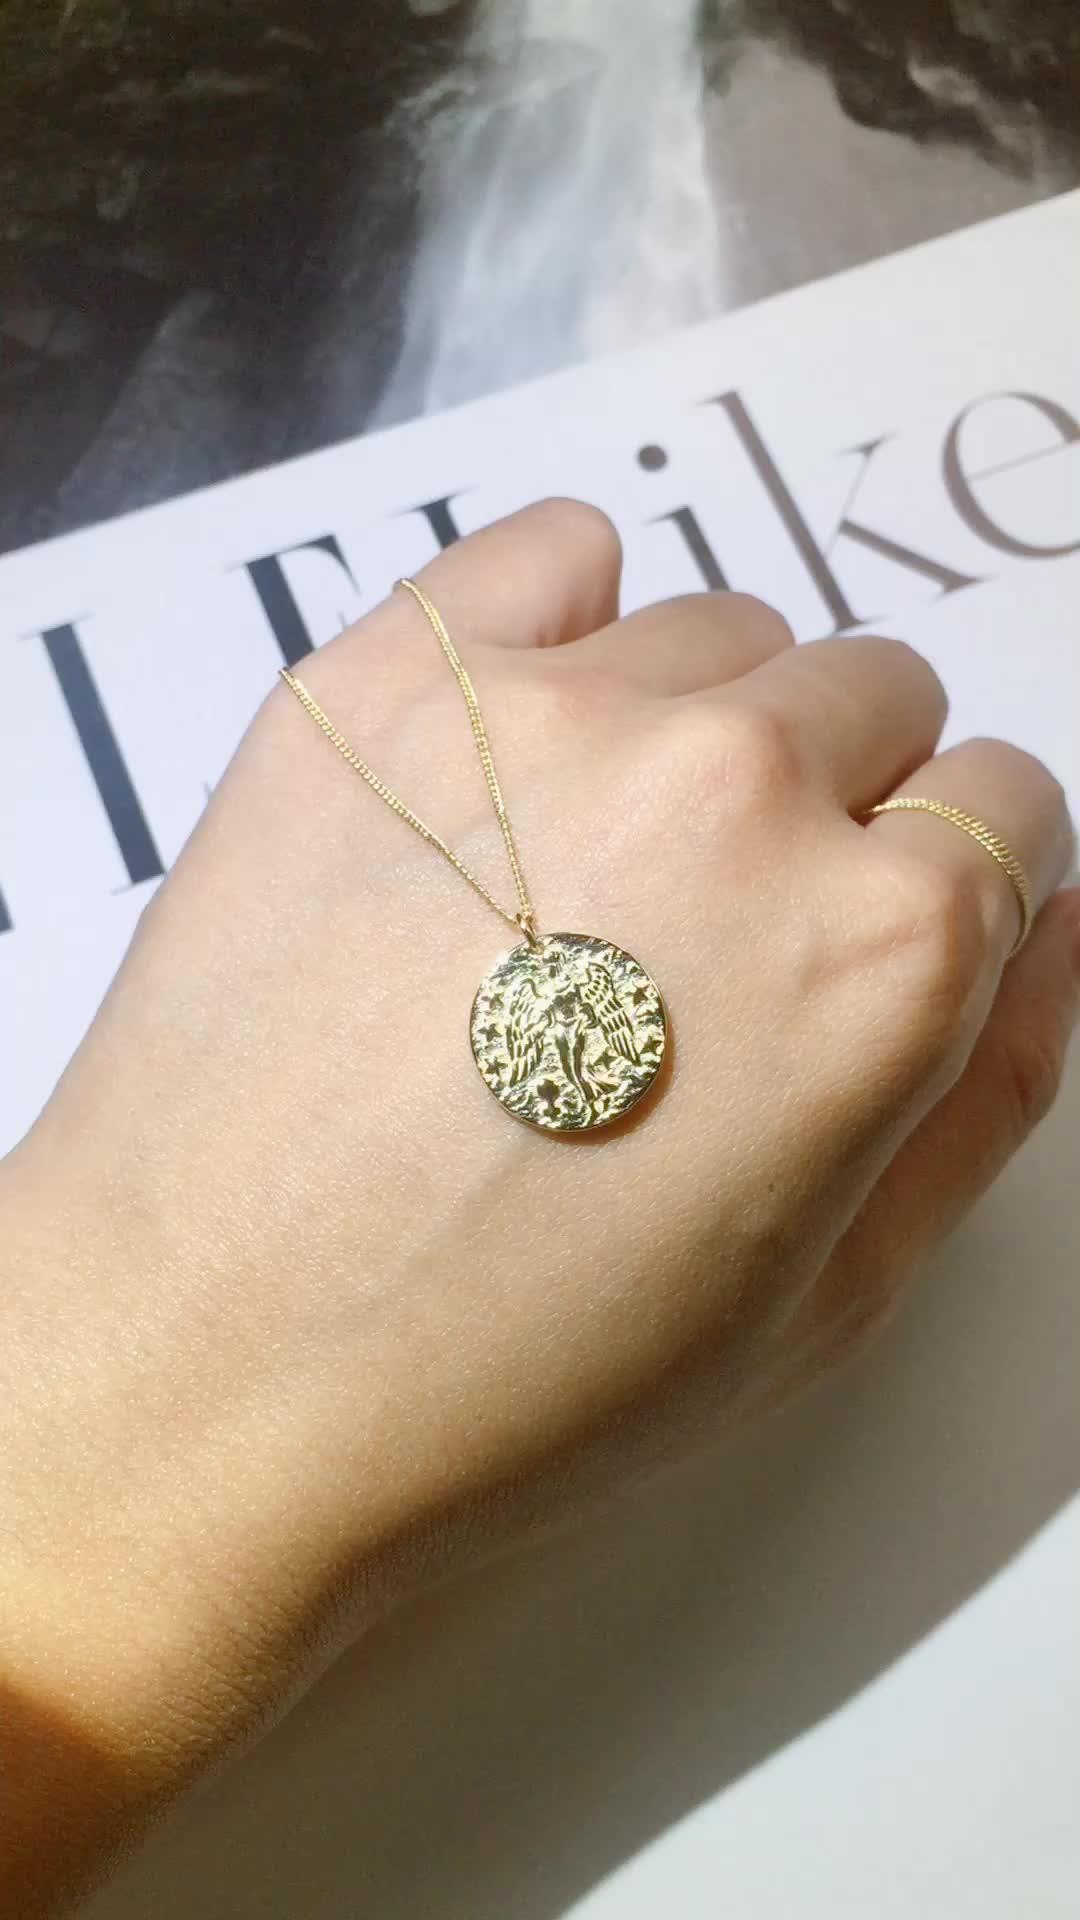 18K Gold Überzogene Klassische Alte Rom Münze Halskette Silber Jewely 925 Runde Anhänger Halsketten für Damen